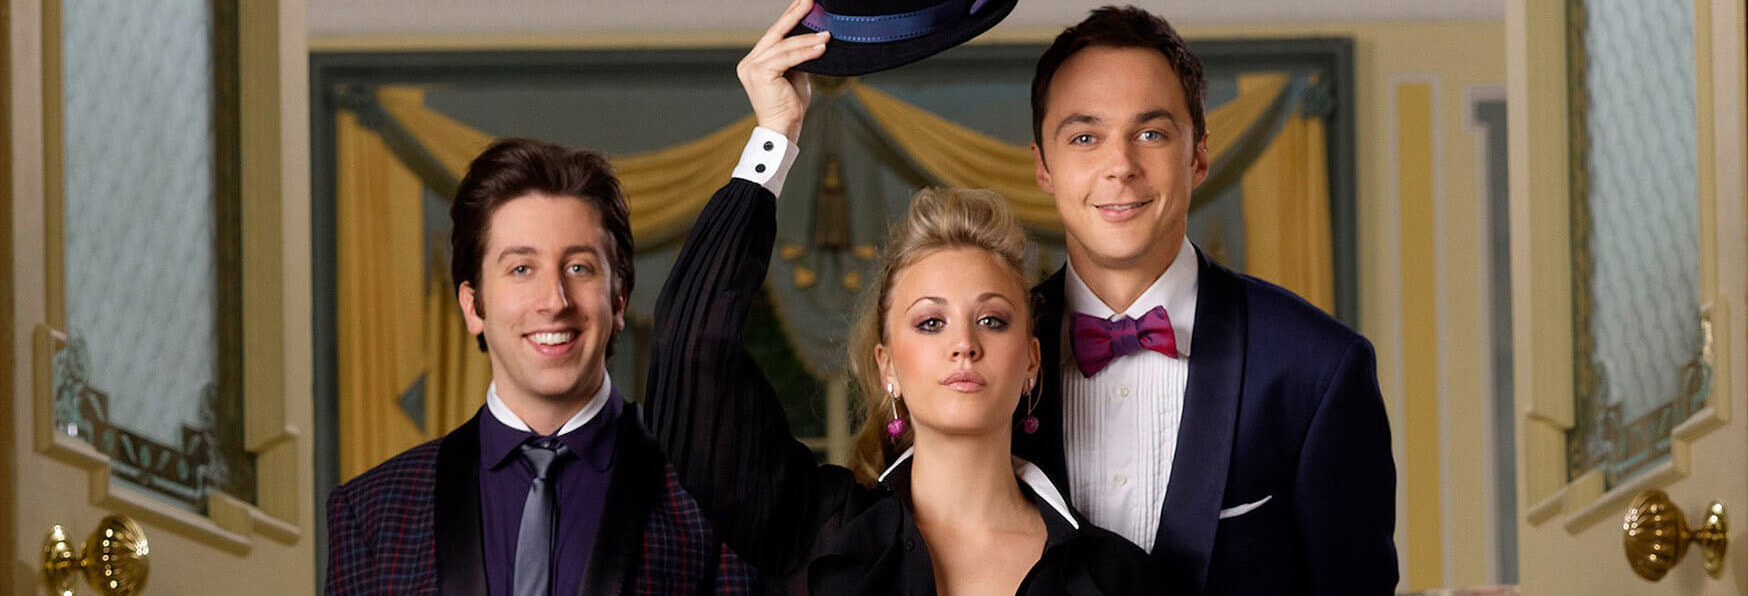 The Big Bang Theory 12: rilasciato il nuovo Trailer